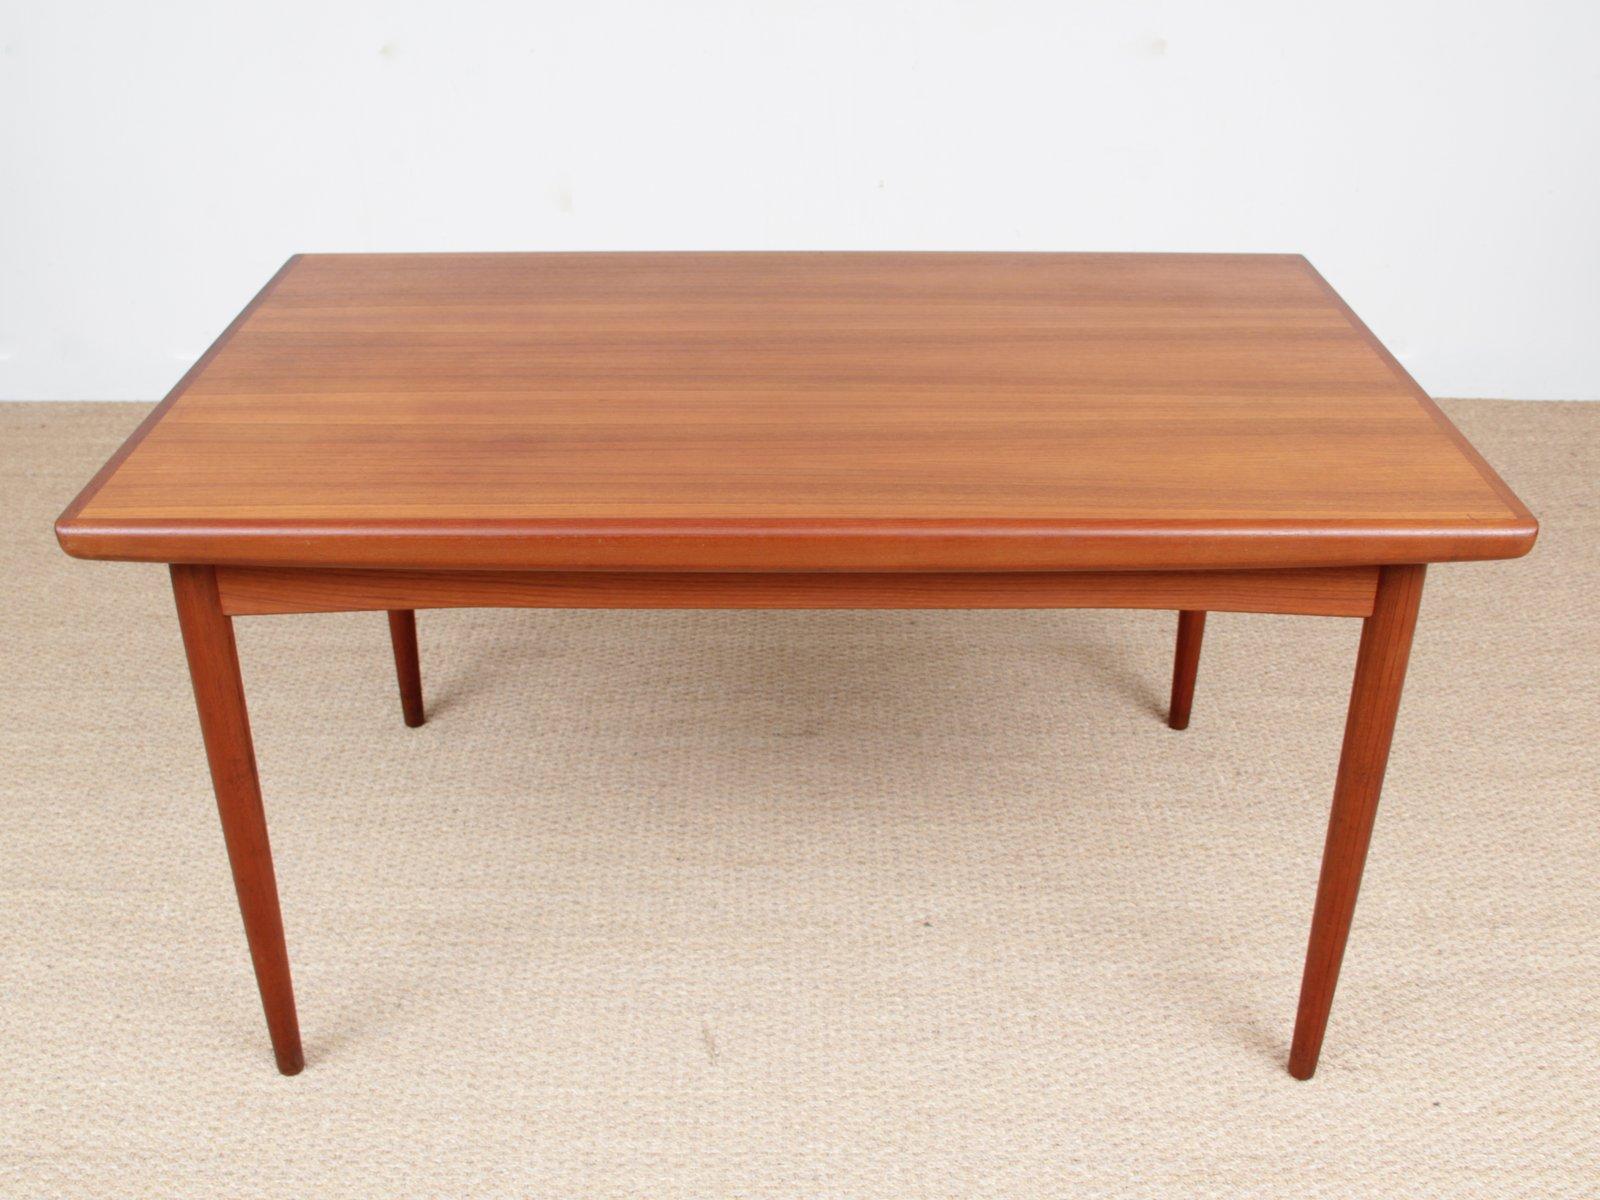 skandinavischer teak esstisch von dyrlund 1950er bei pamono kaufen. Black Bedroom Furniture Sets. Home Design Ideas